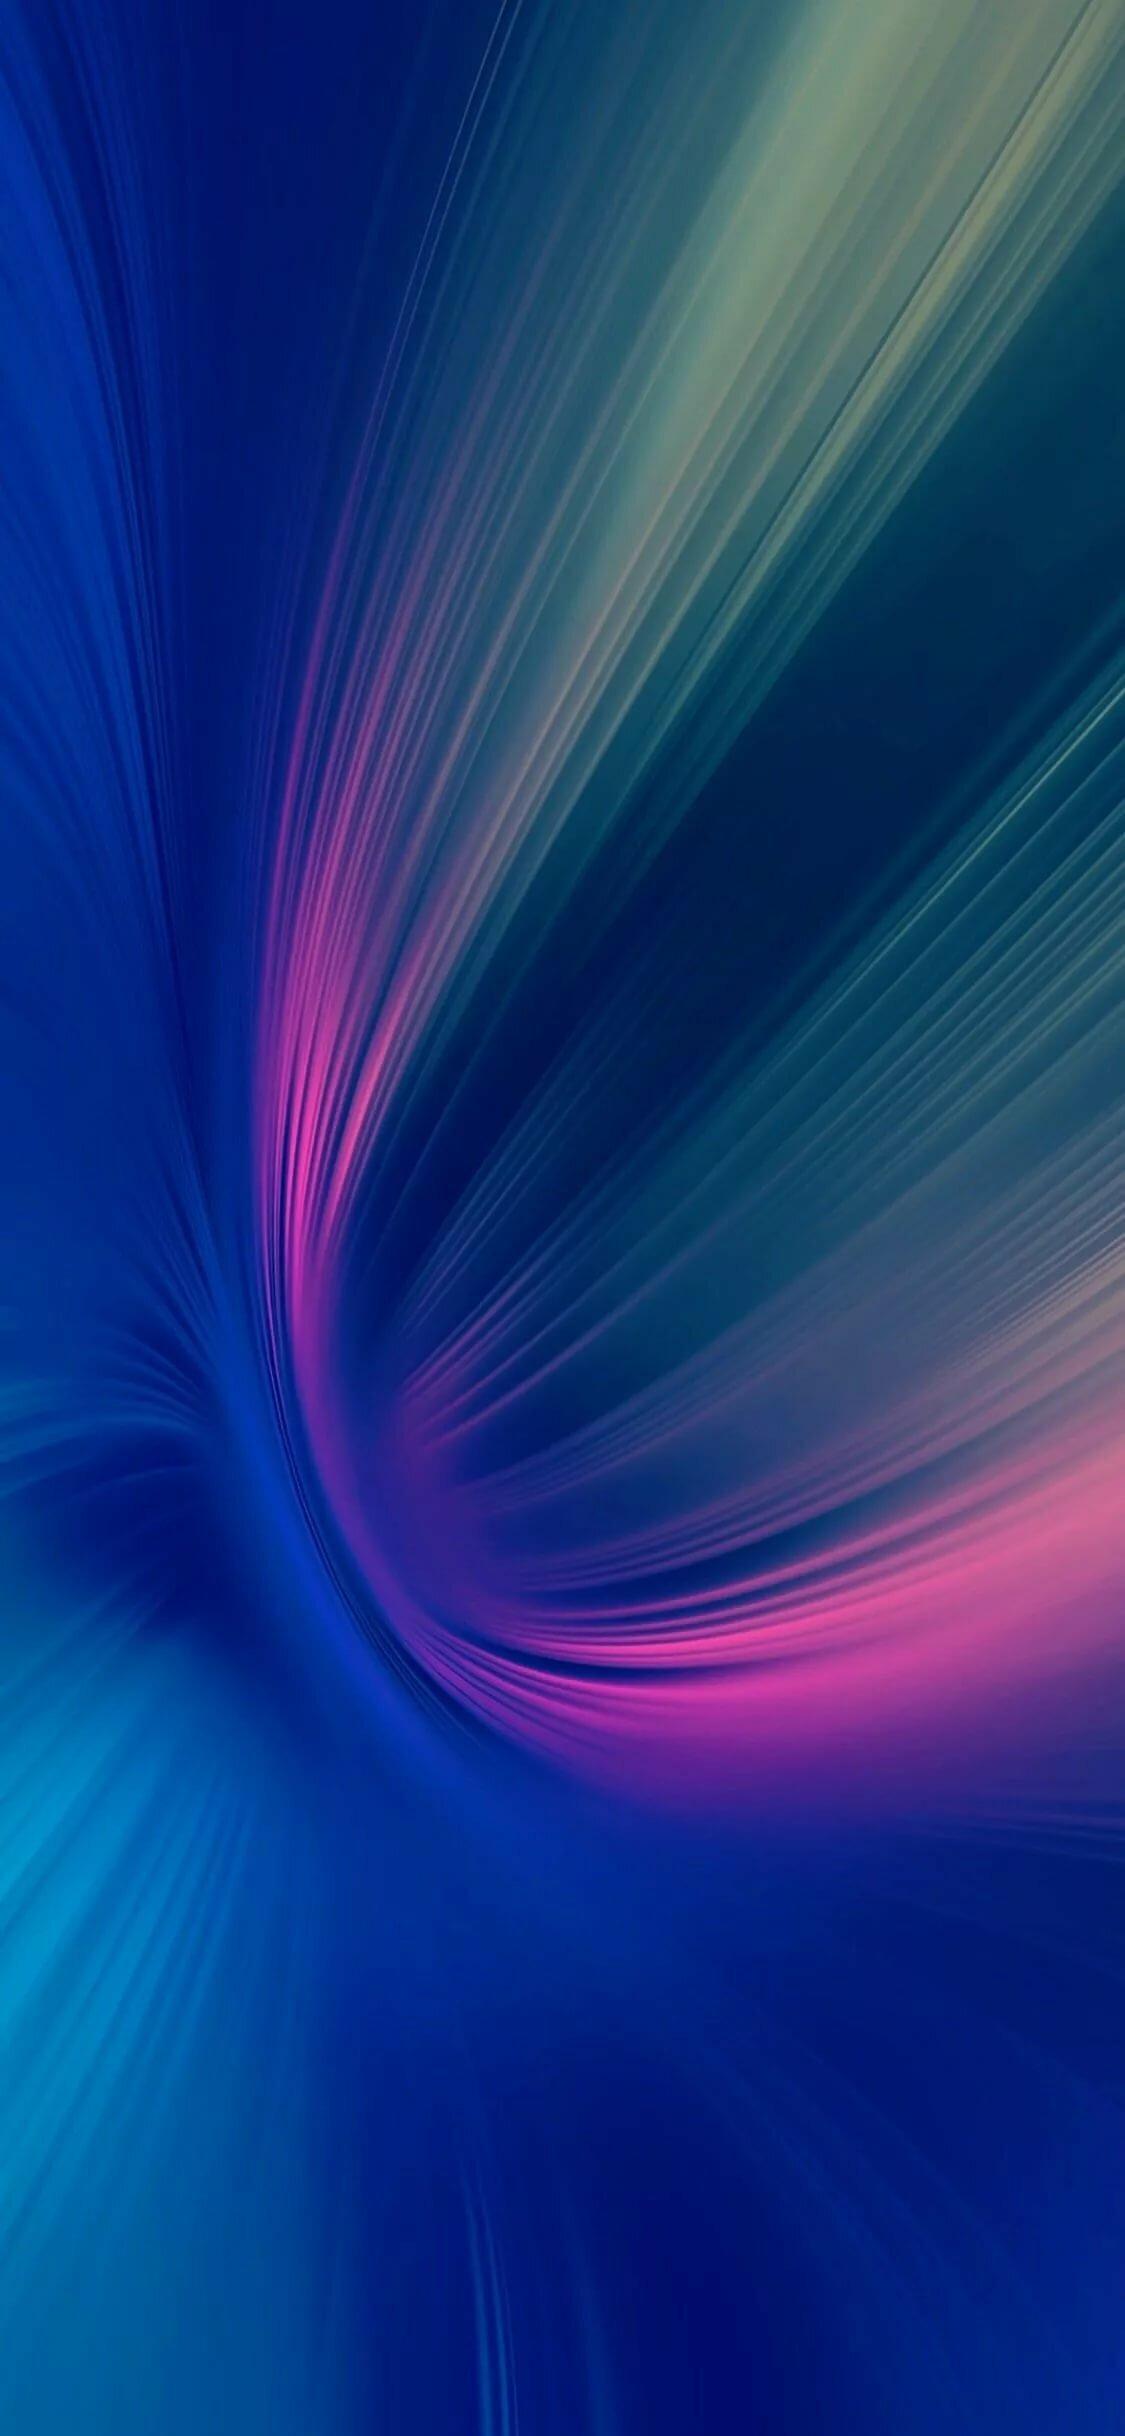 стандартные картинки на телефоны одинаковых цветных